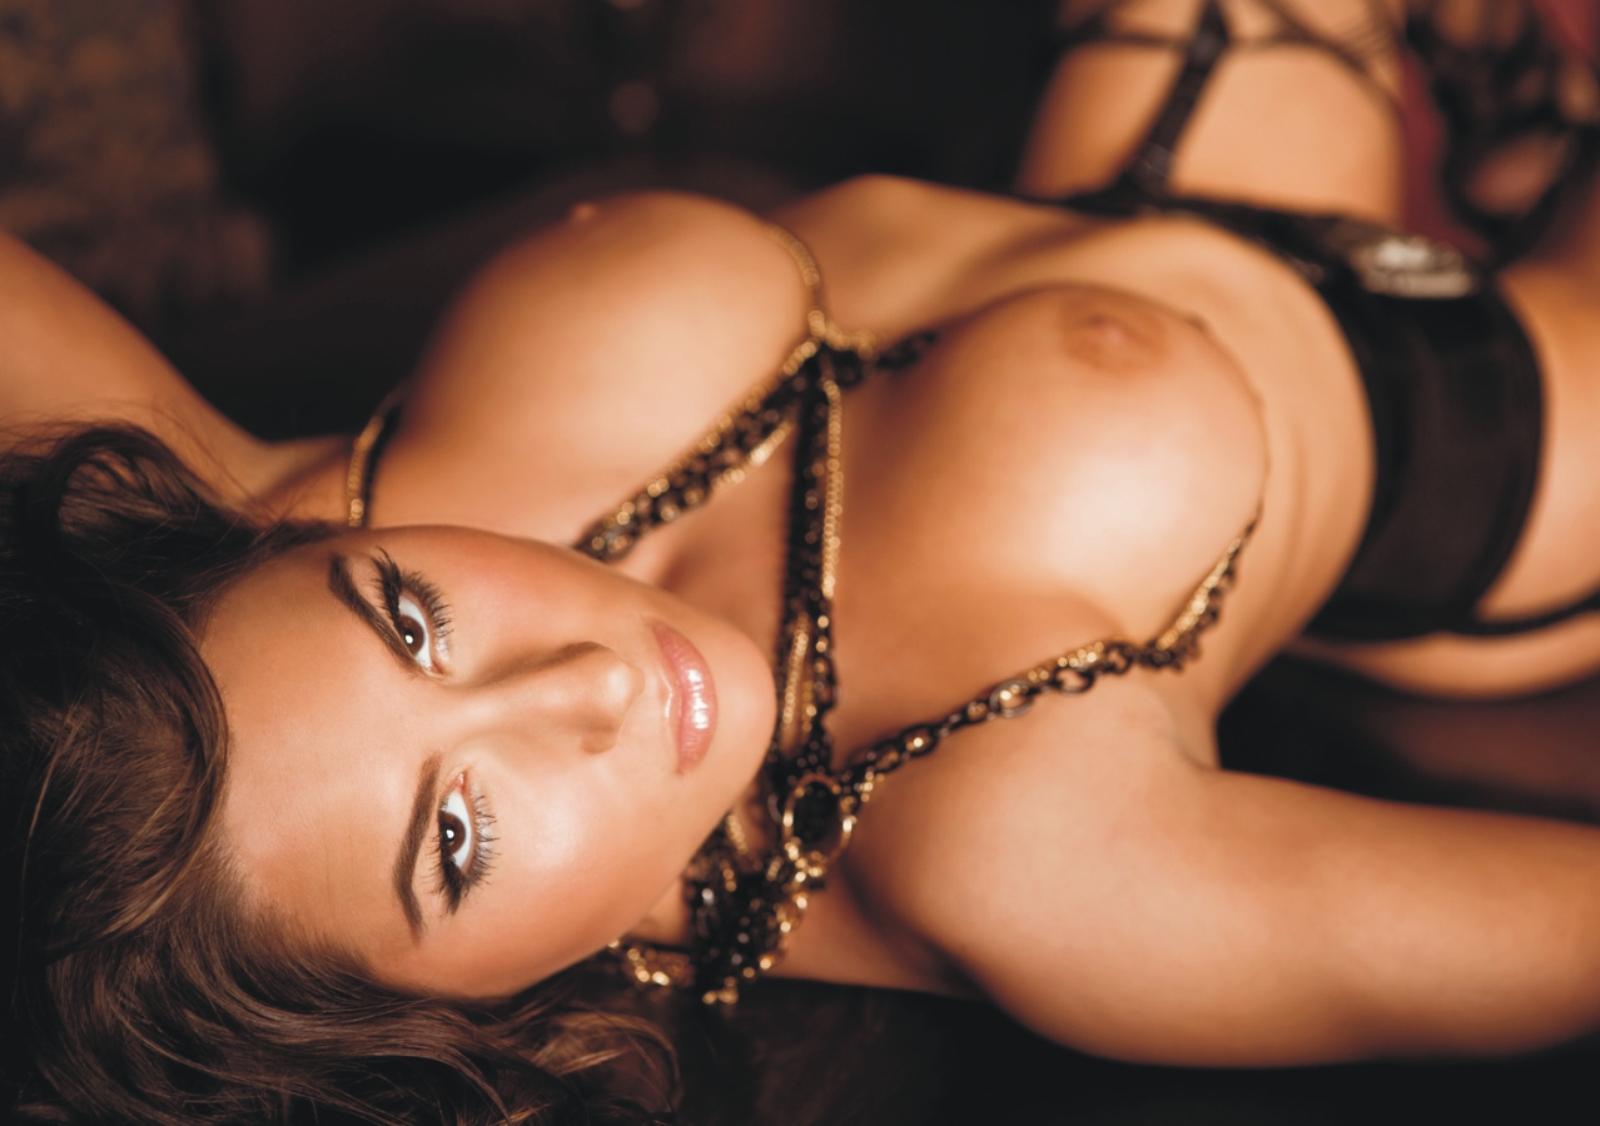 Free bondage pussy ashley renee